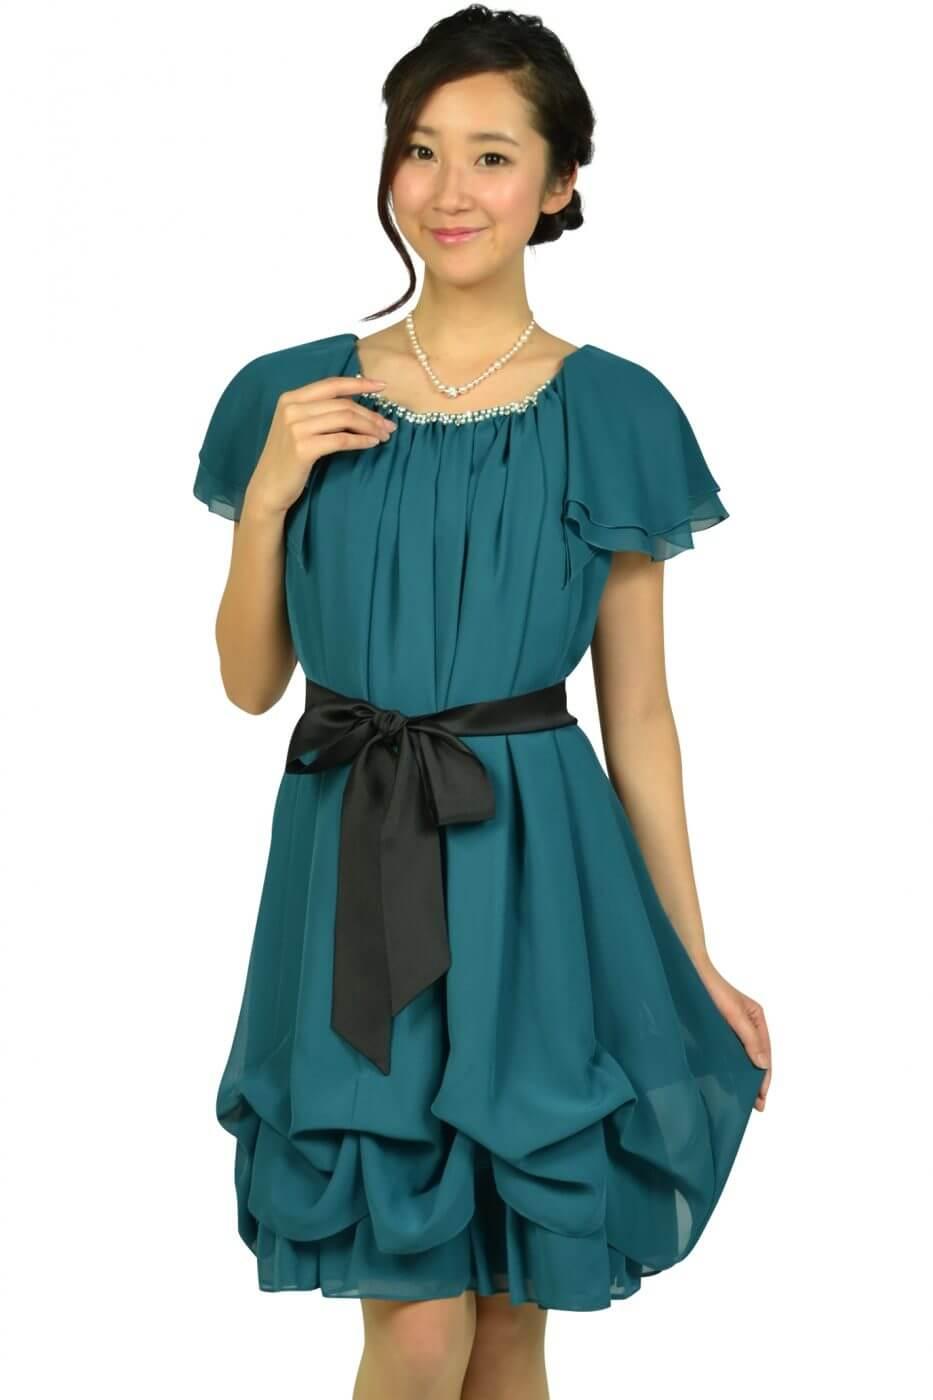 デリセノアール(DELLISE NOIR)ゆったりAラインブルーグリーンドレス